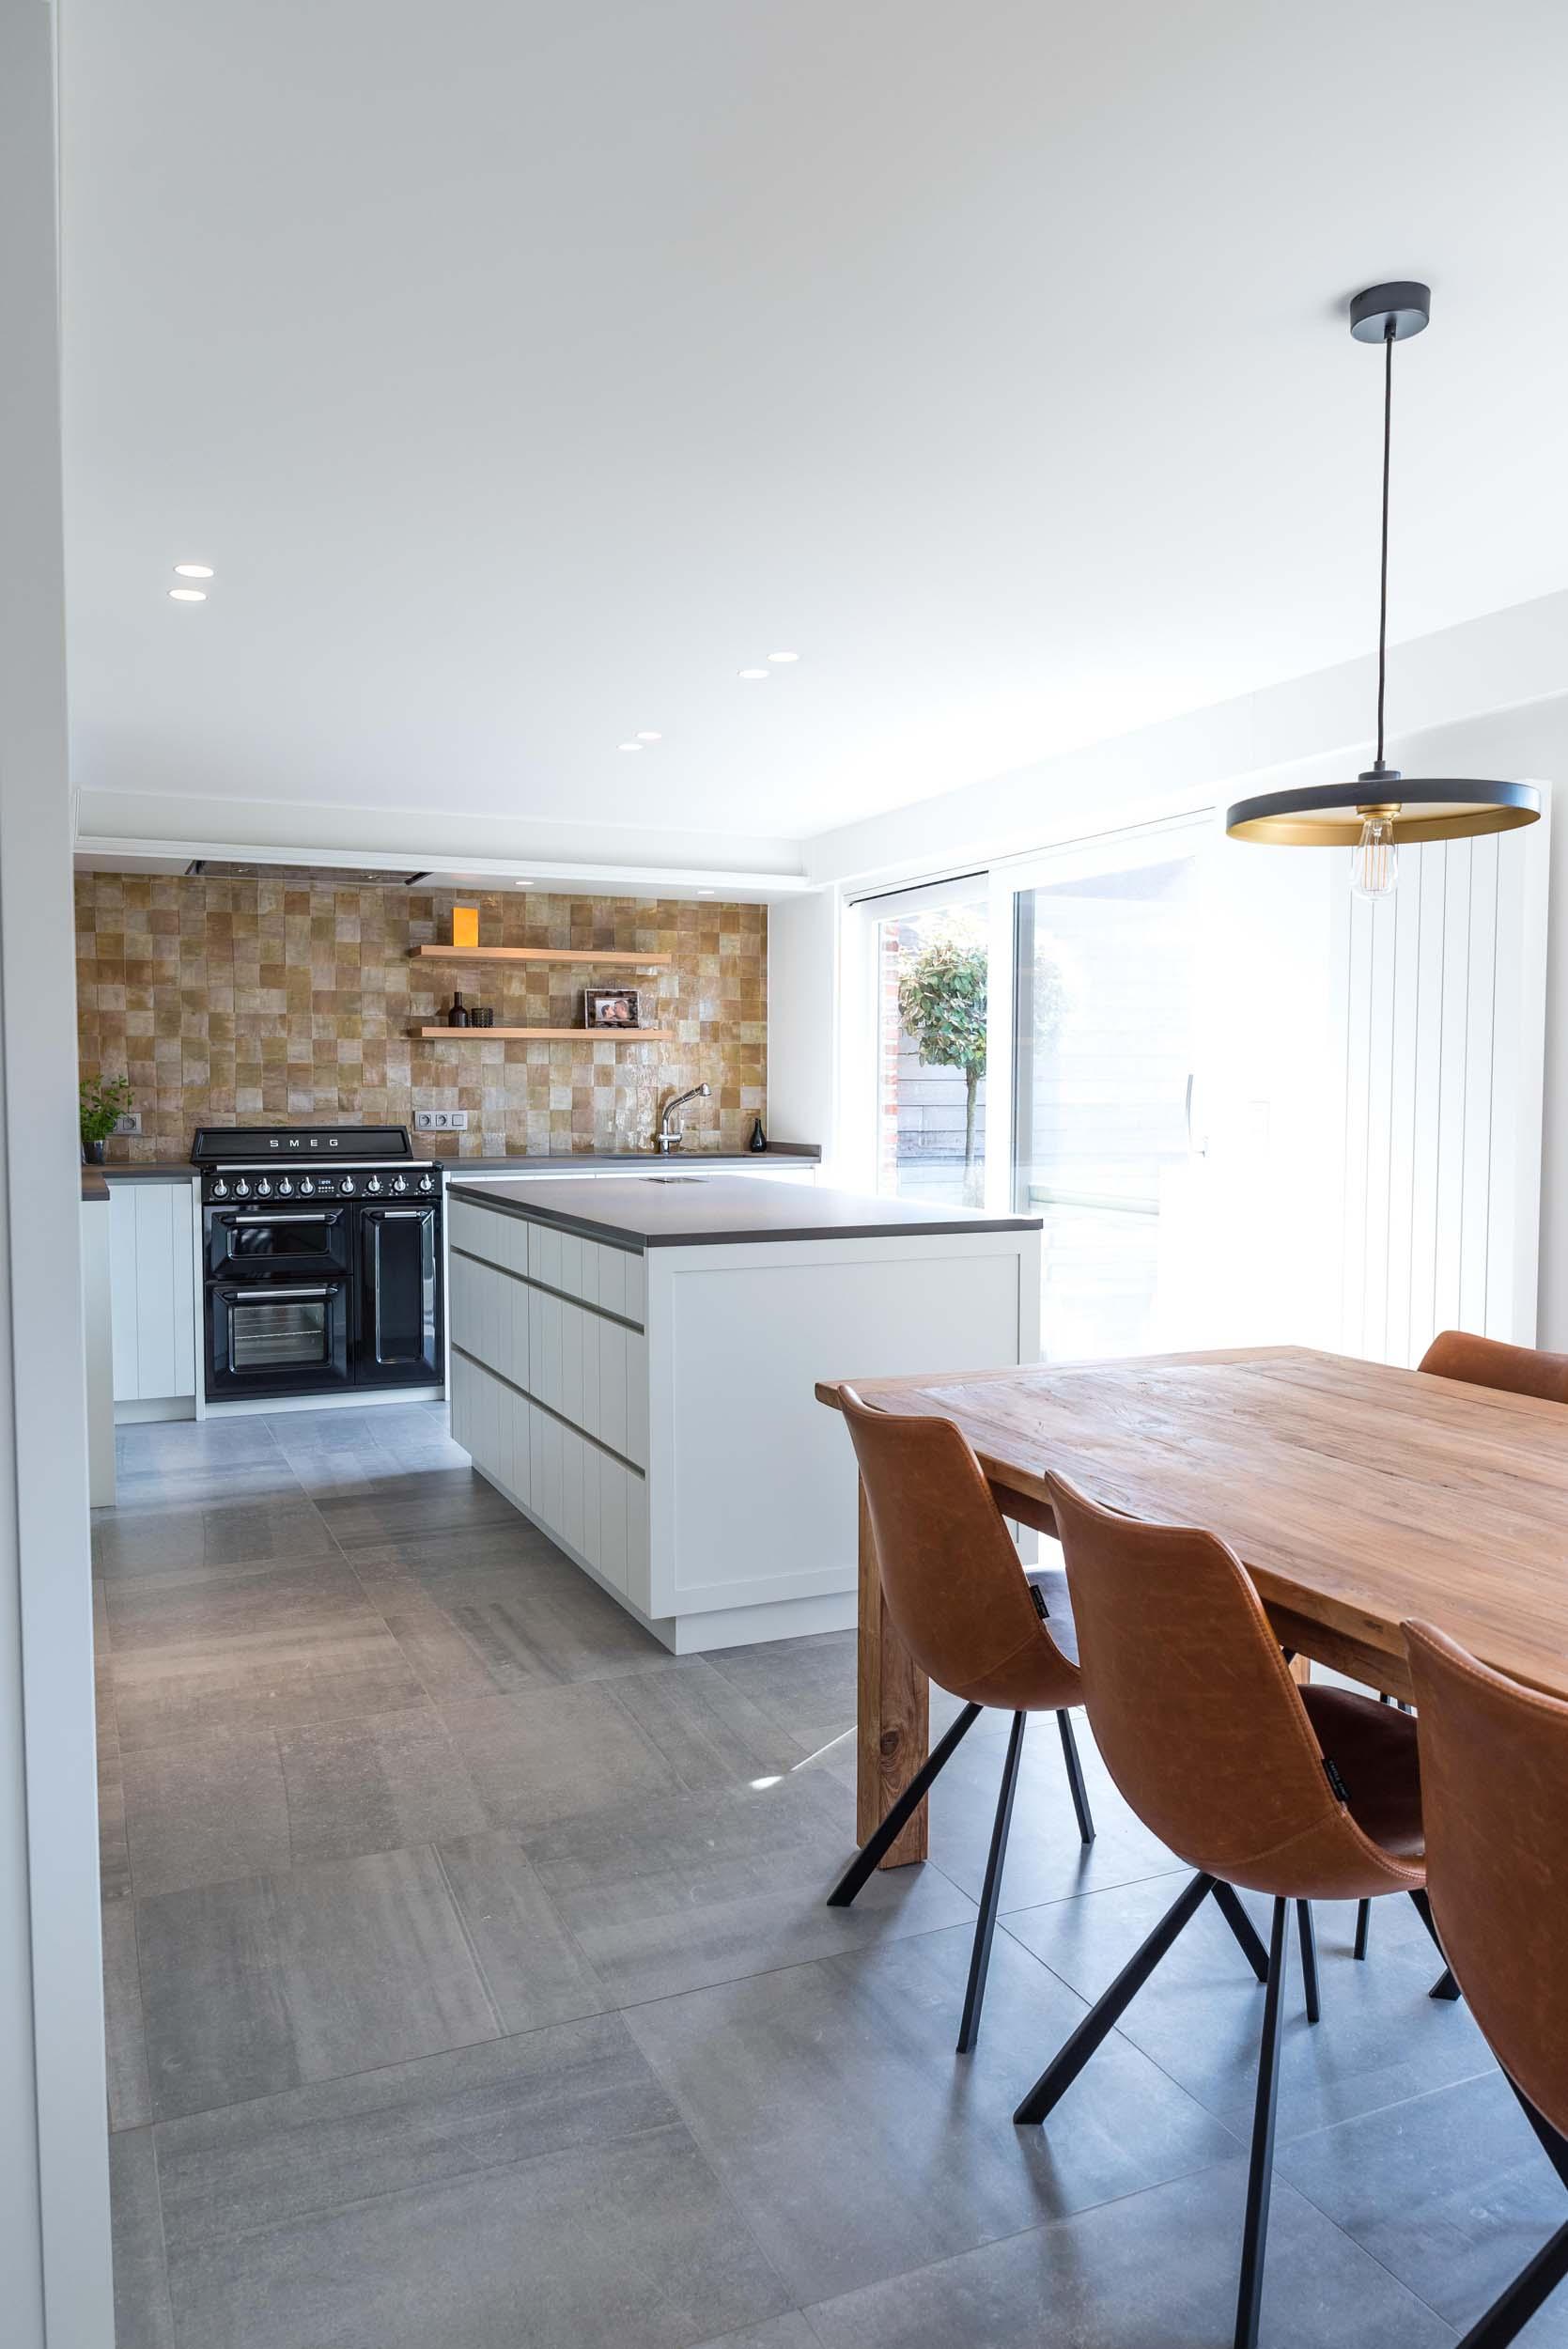 Vanda-projects-interieurinrichting-meubelmakerij-oost-vlaanderen-six-marke-keuken-op-maat